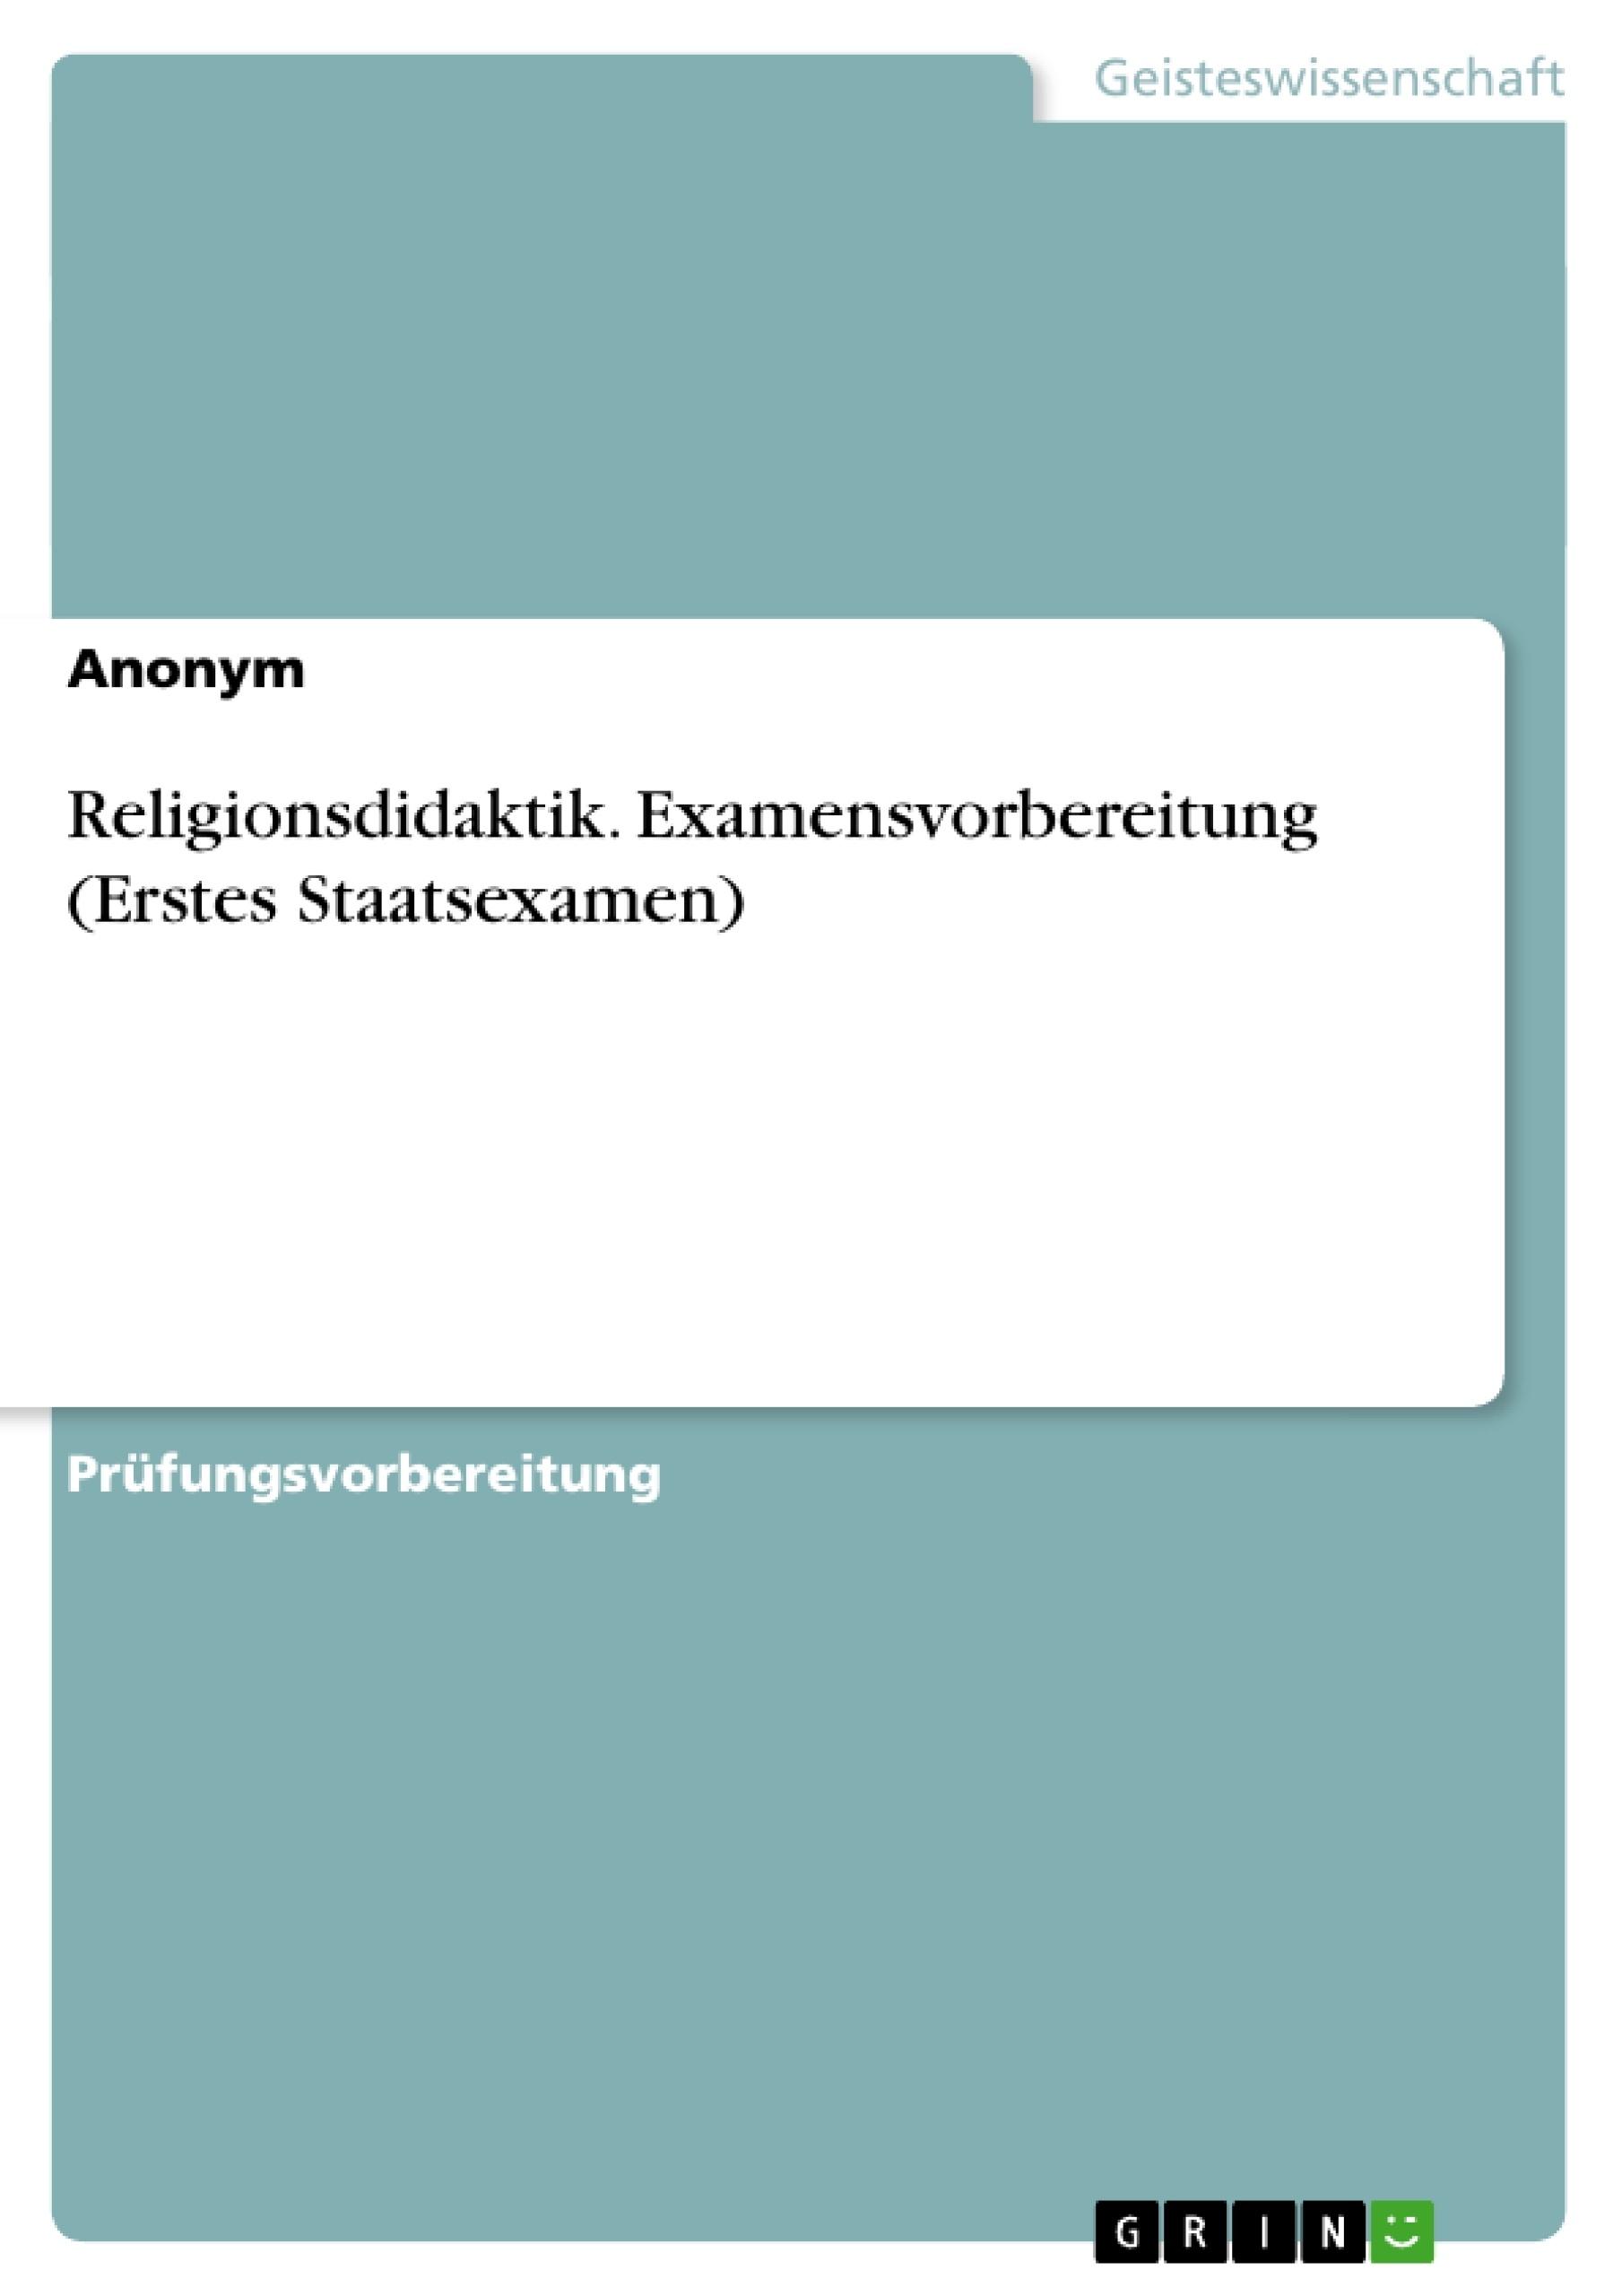 Titel: Religionsdidaktik. Examensvorbereitung (Erstes Staatsexamen)